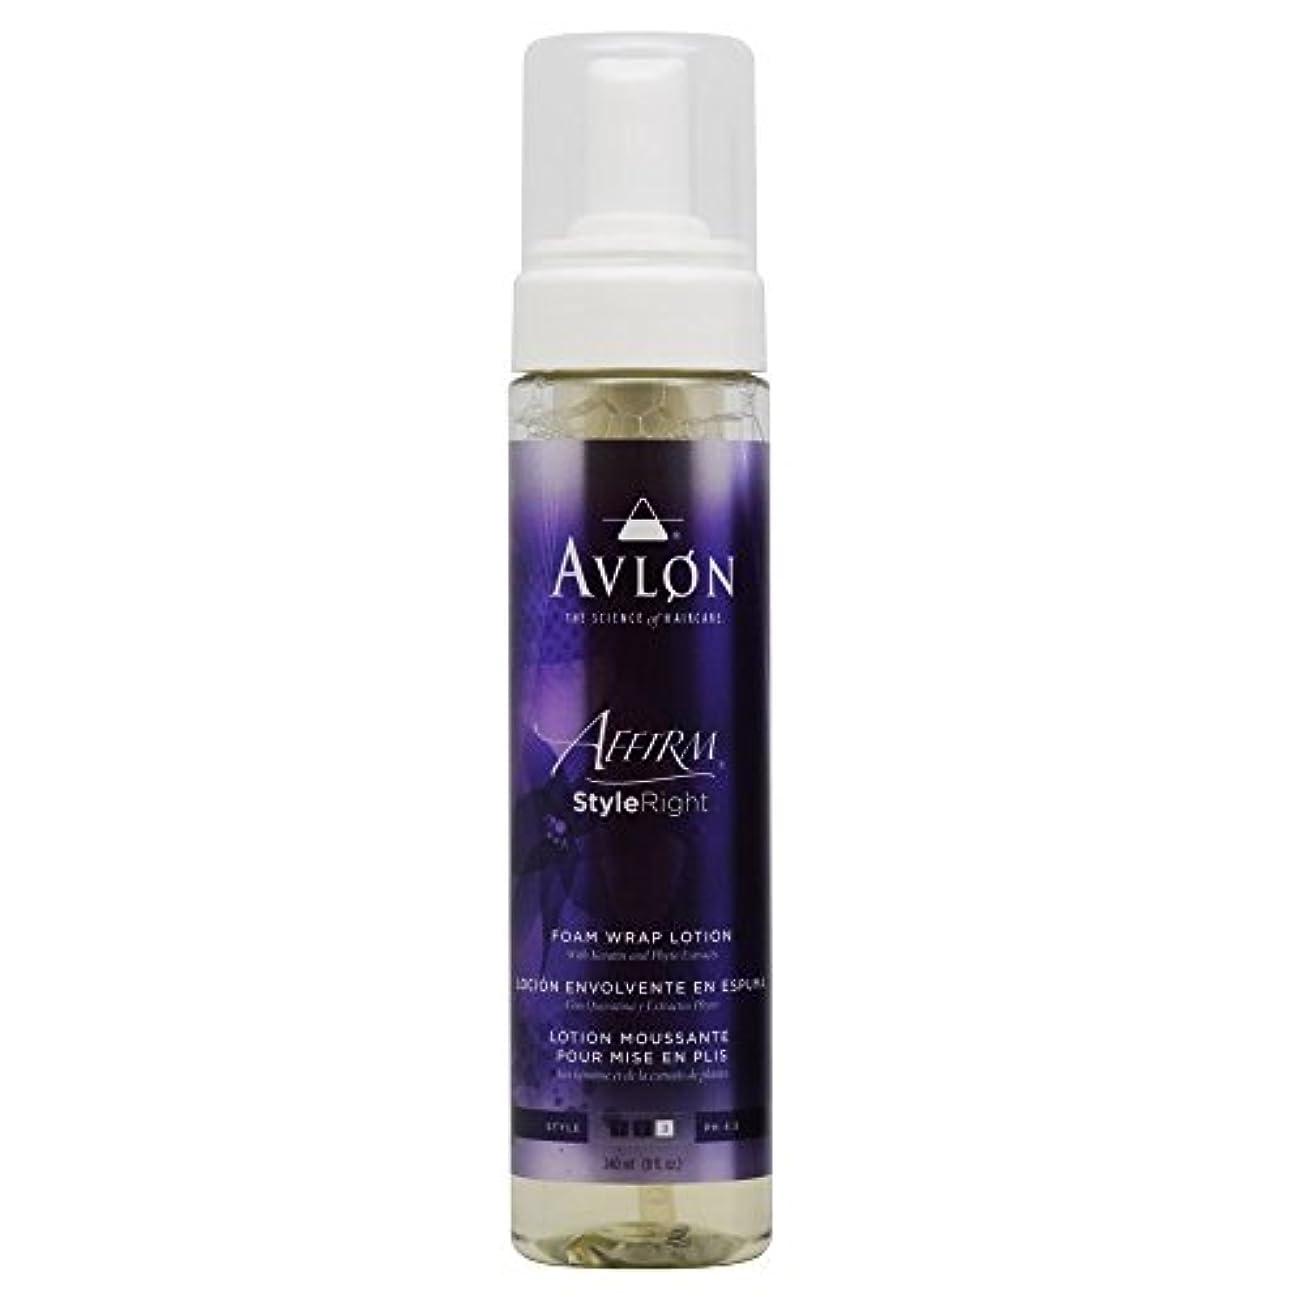 許される温かい方程式Avlon Hair Care アバロンアファームStyleRight泡ラップ8オンスのローション